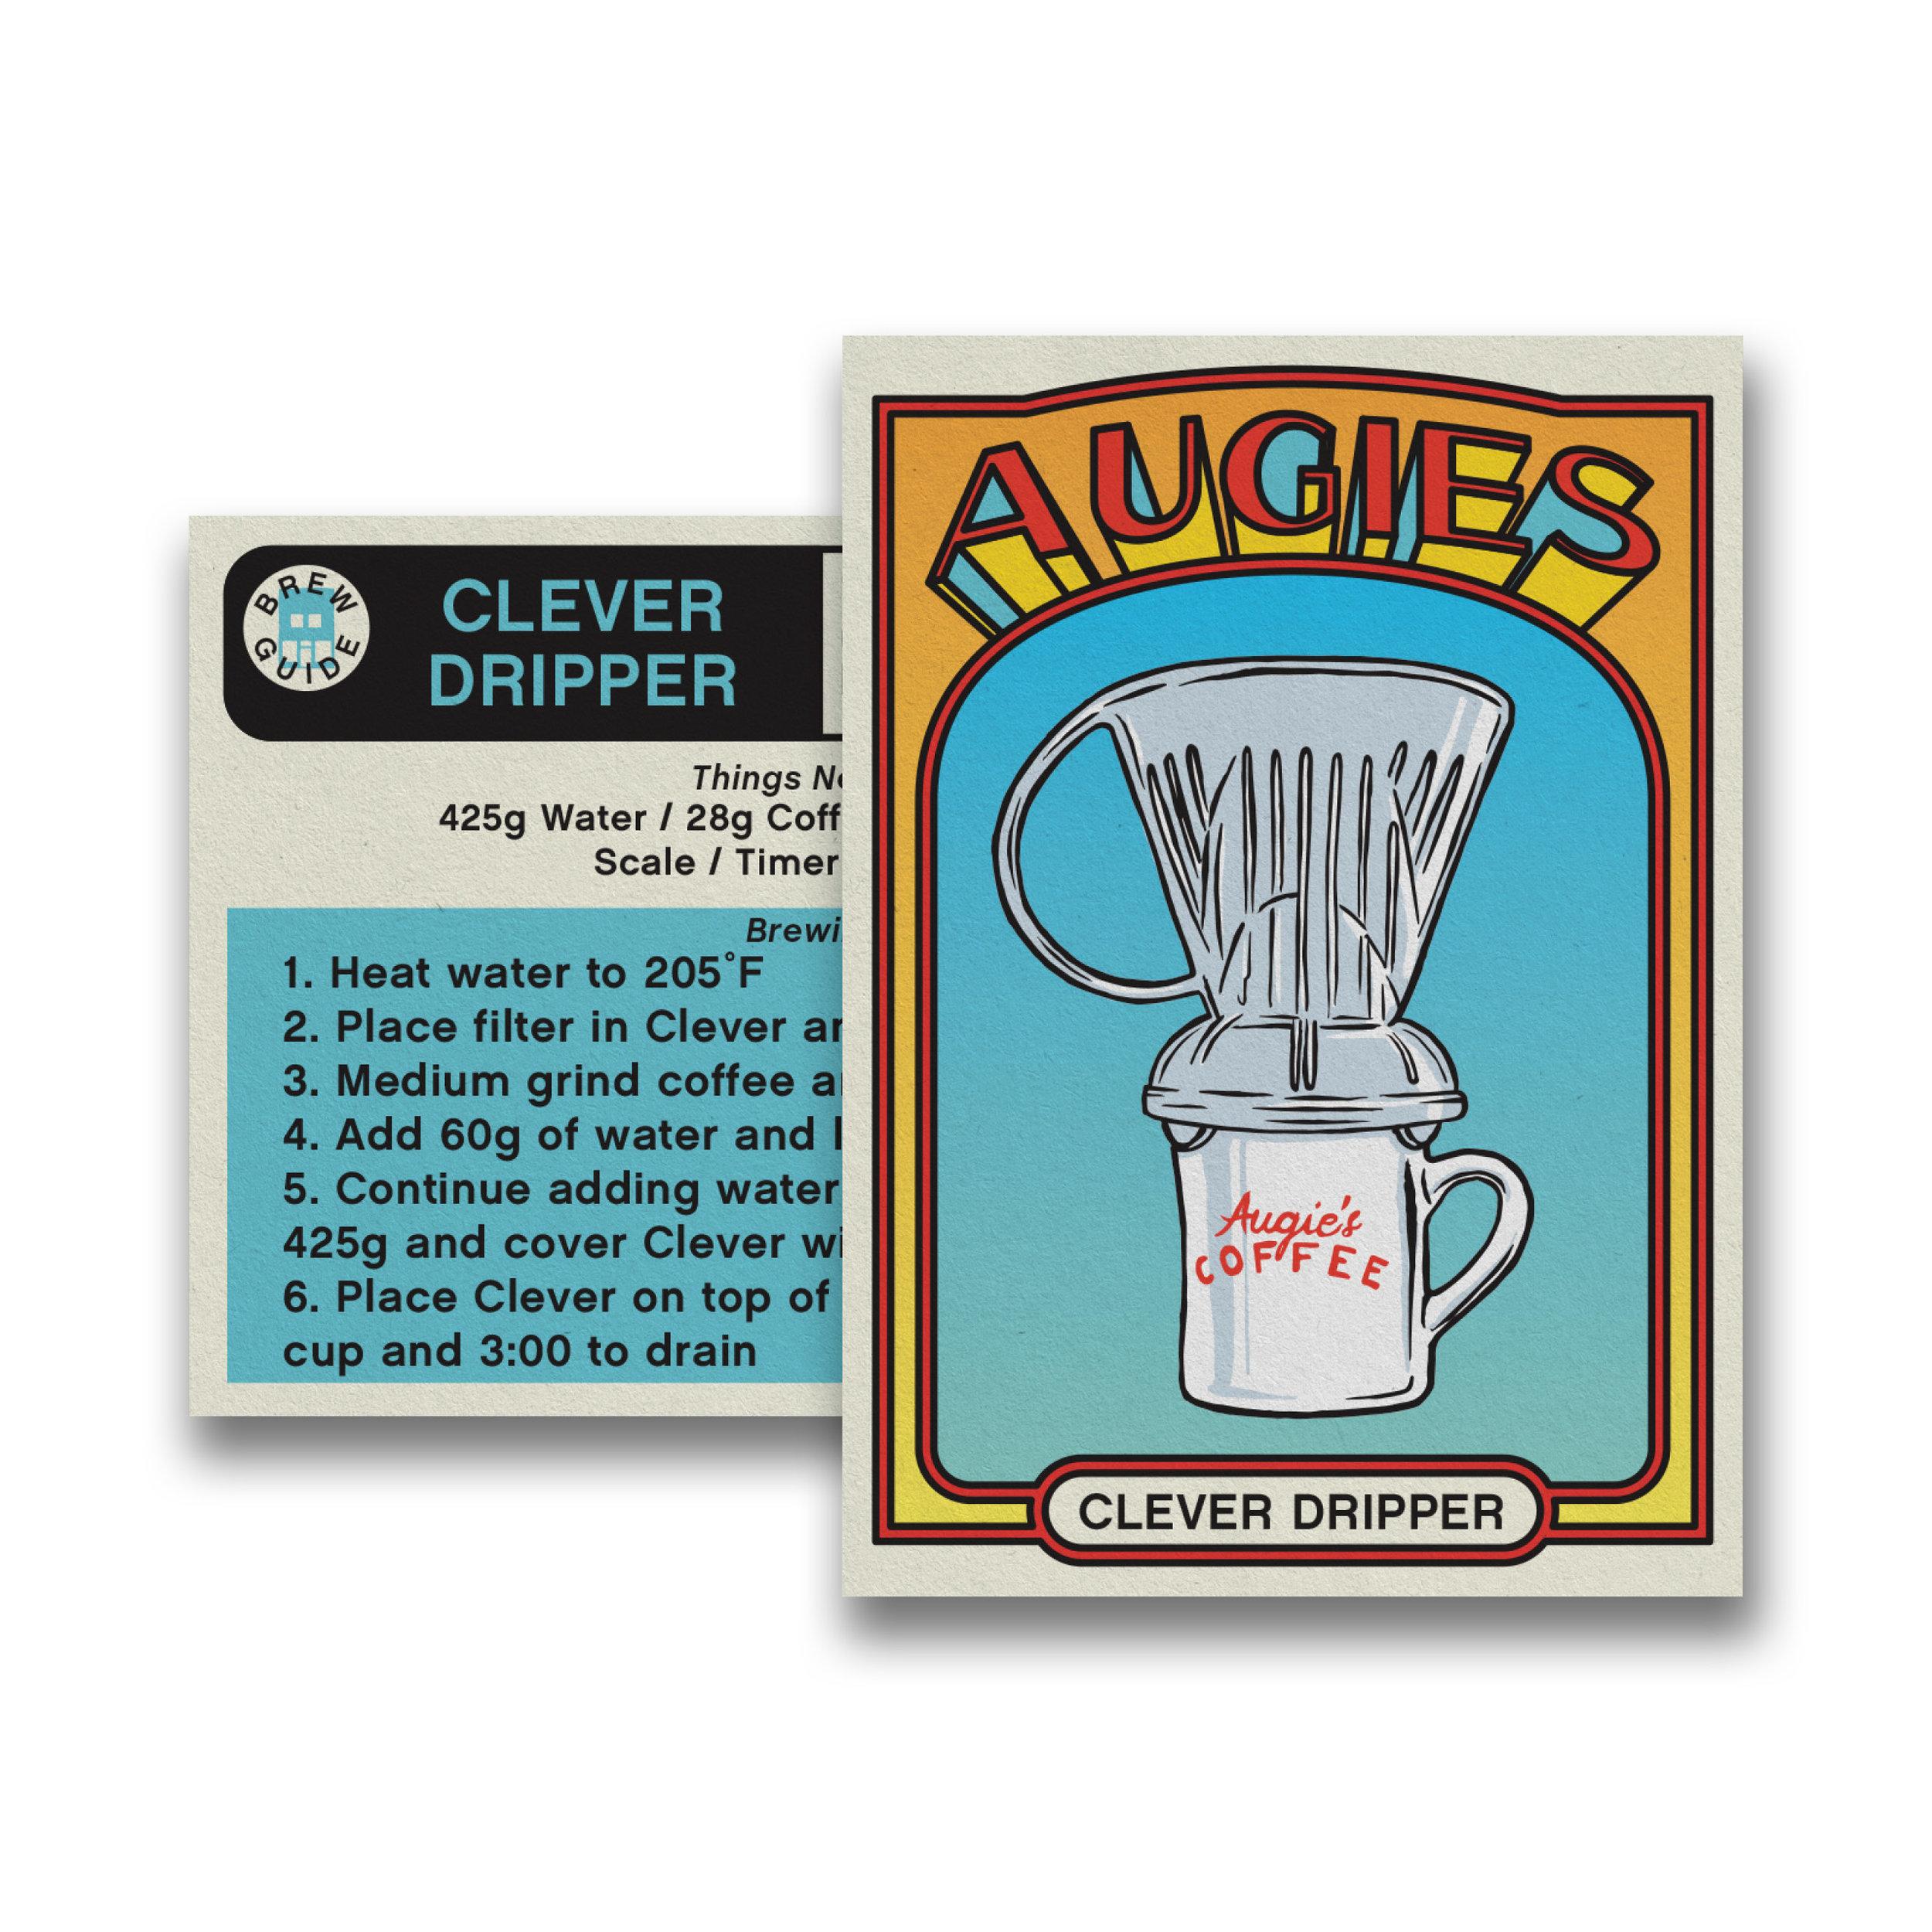 Augies-BrewCardsMock-0517193.jpg